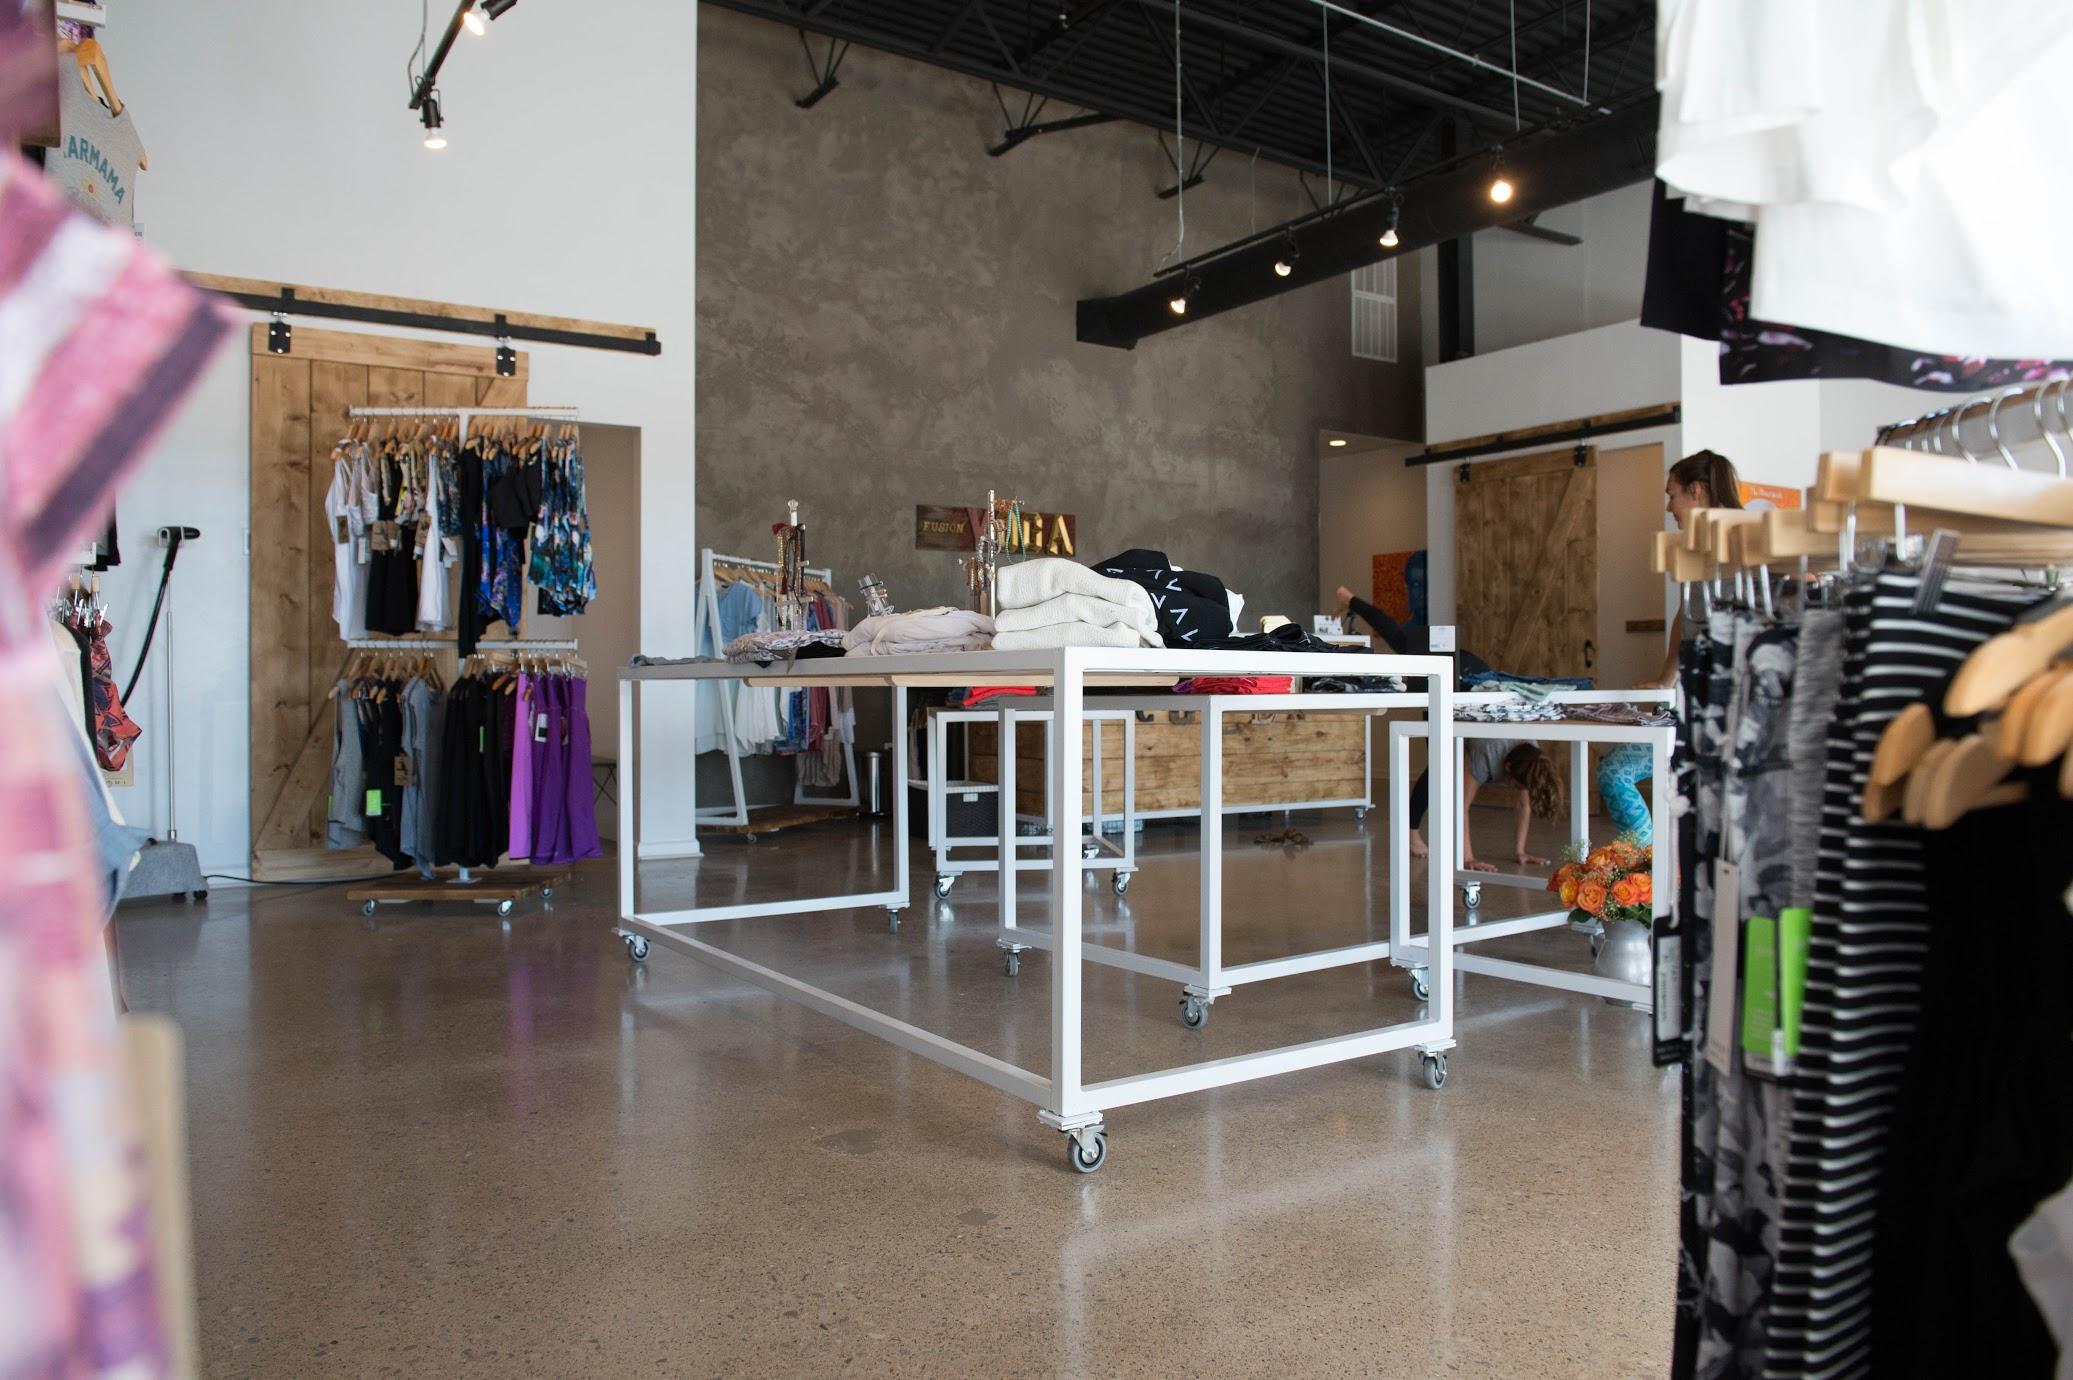 Fusion Yoga and Cuzen's Boutique